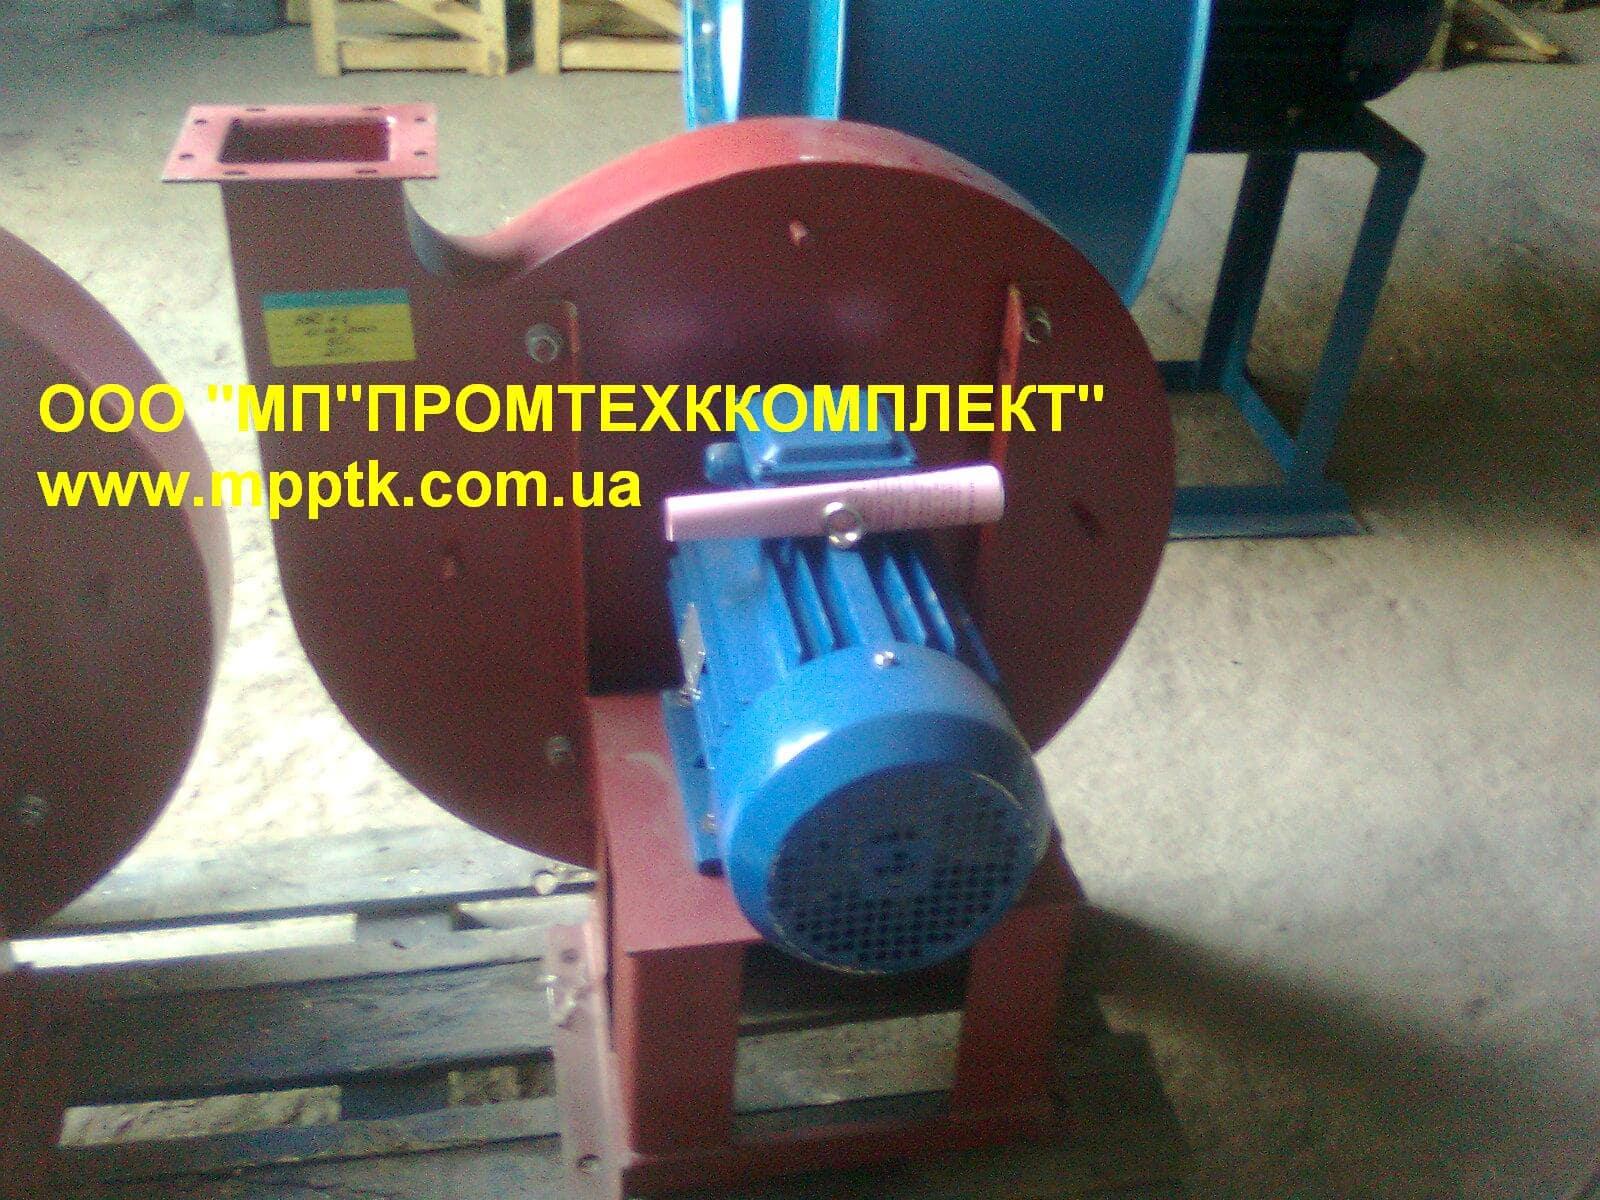 Вентилятор новый недорого фото изготовление на заказ Харьков